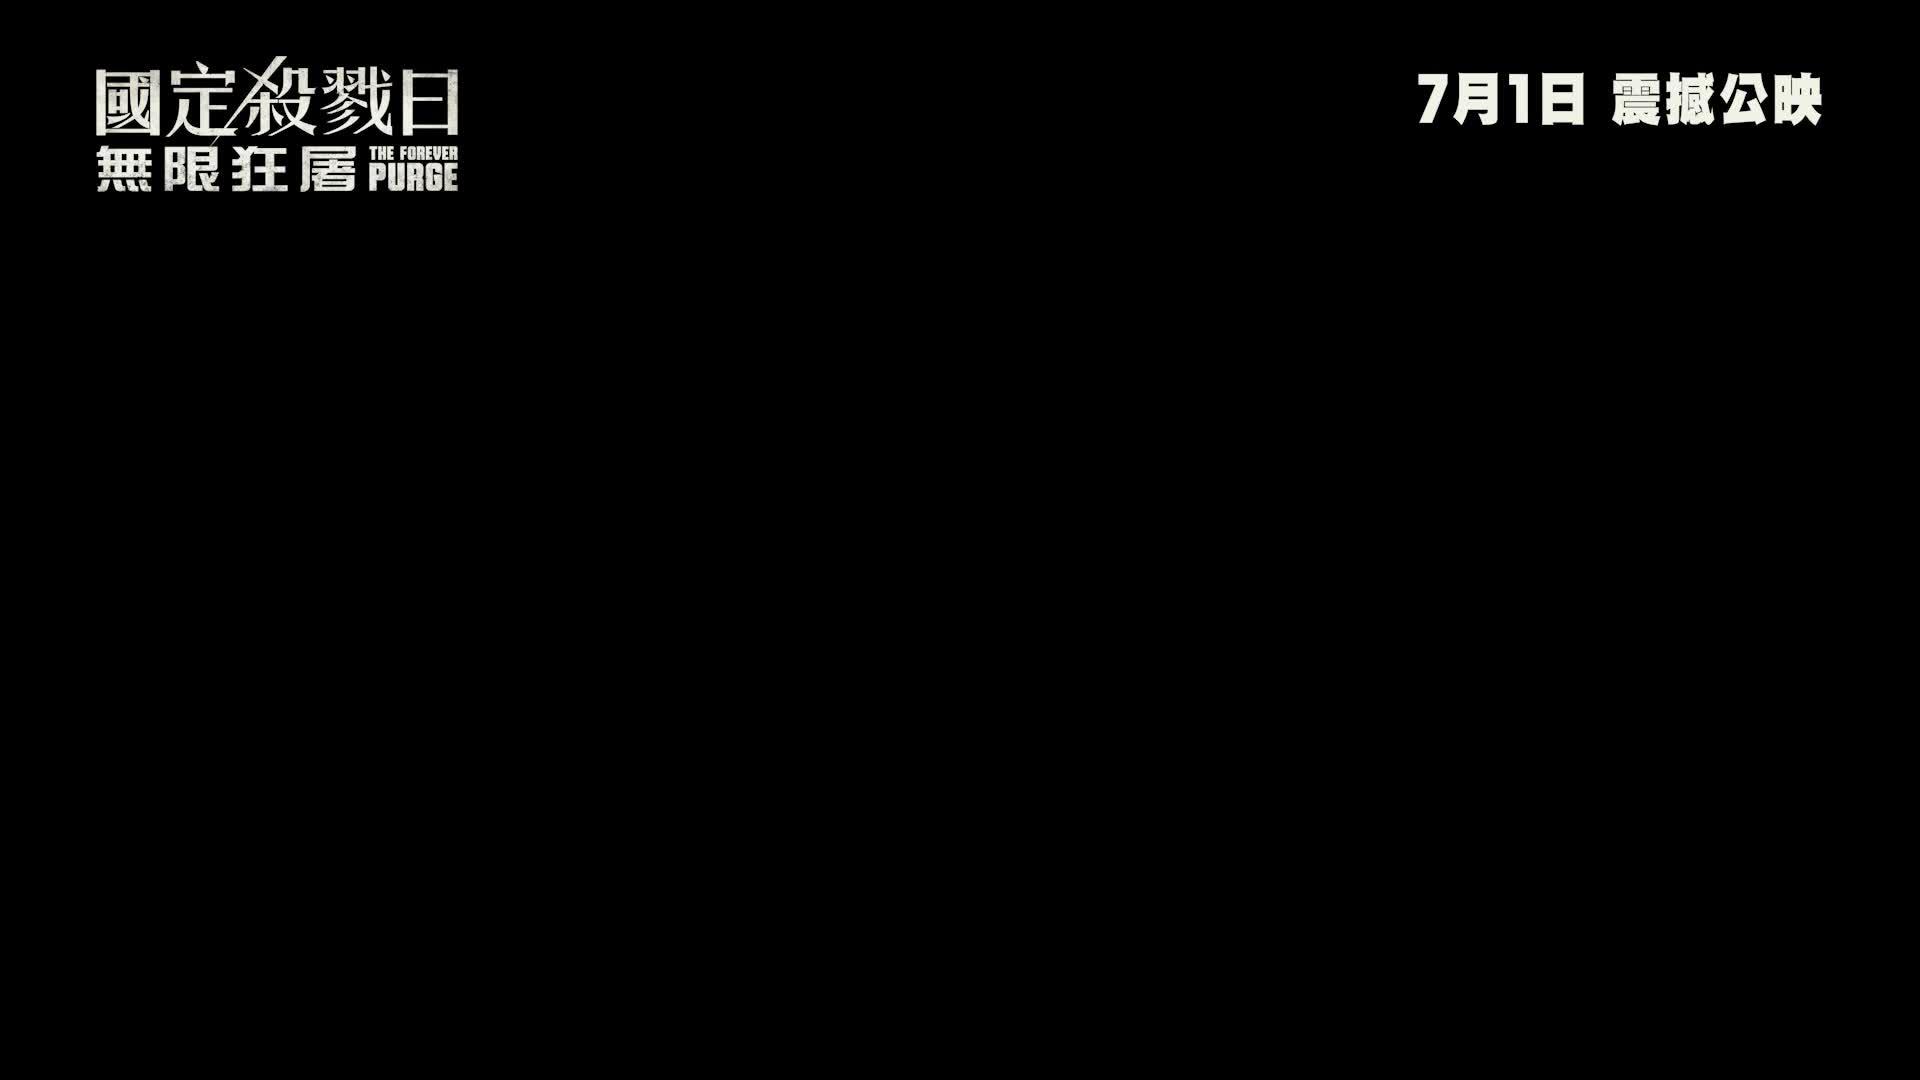 《國定殺戮日:無限狂屠》電影預告